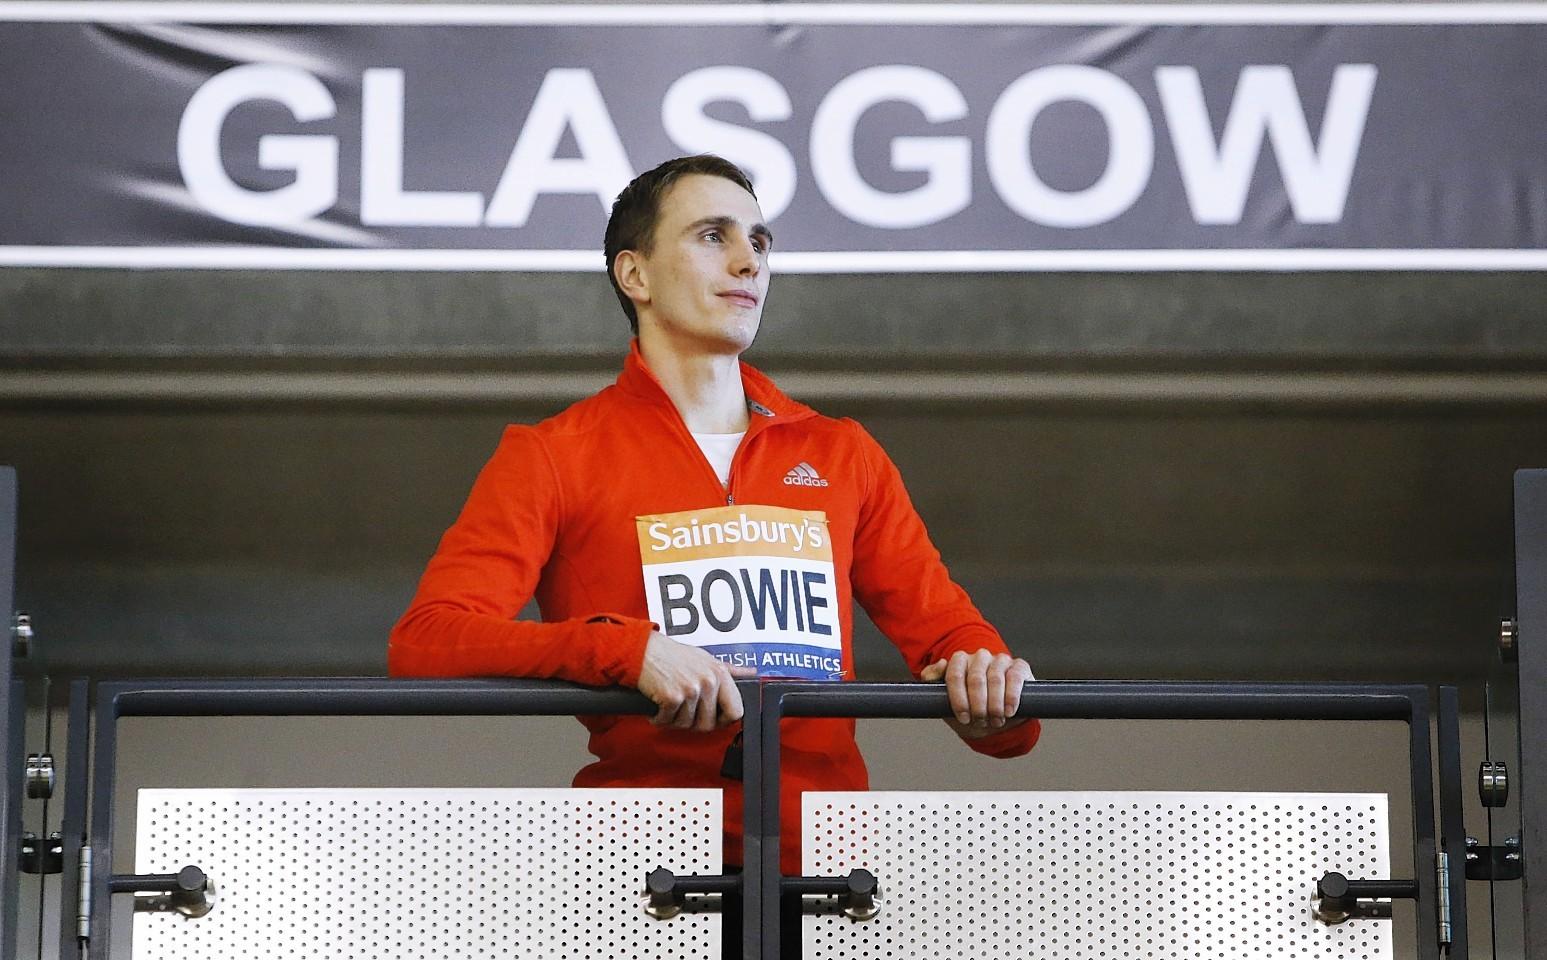 Jamie Bowie